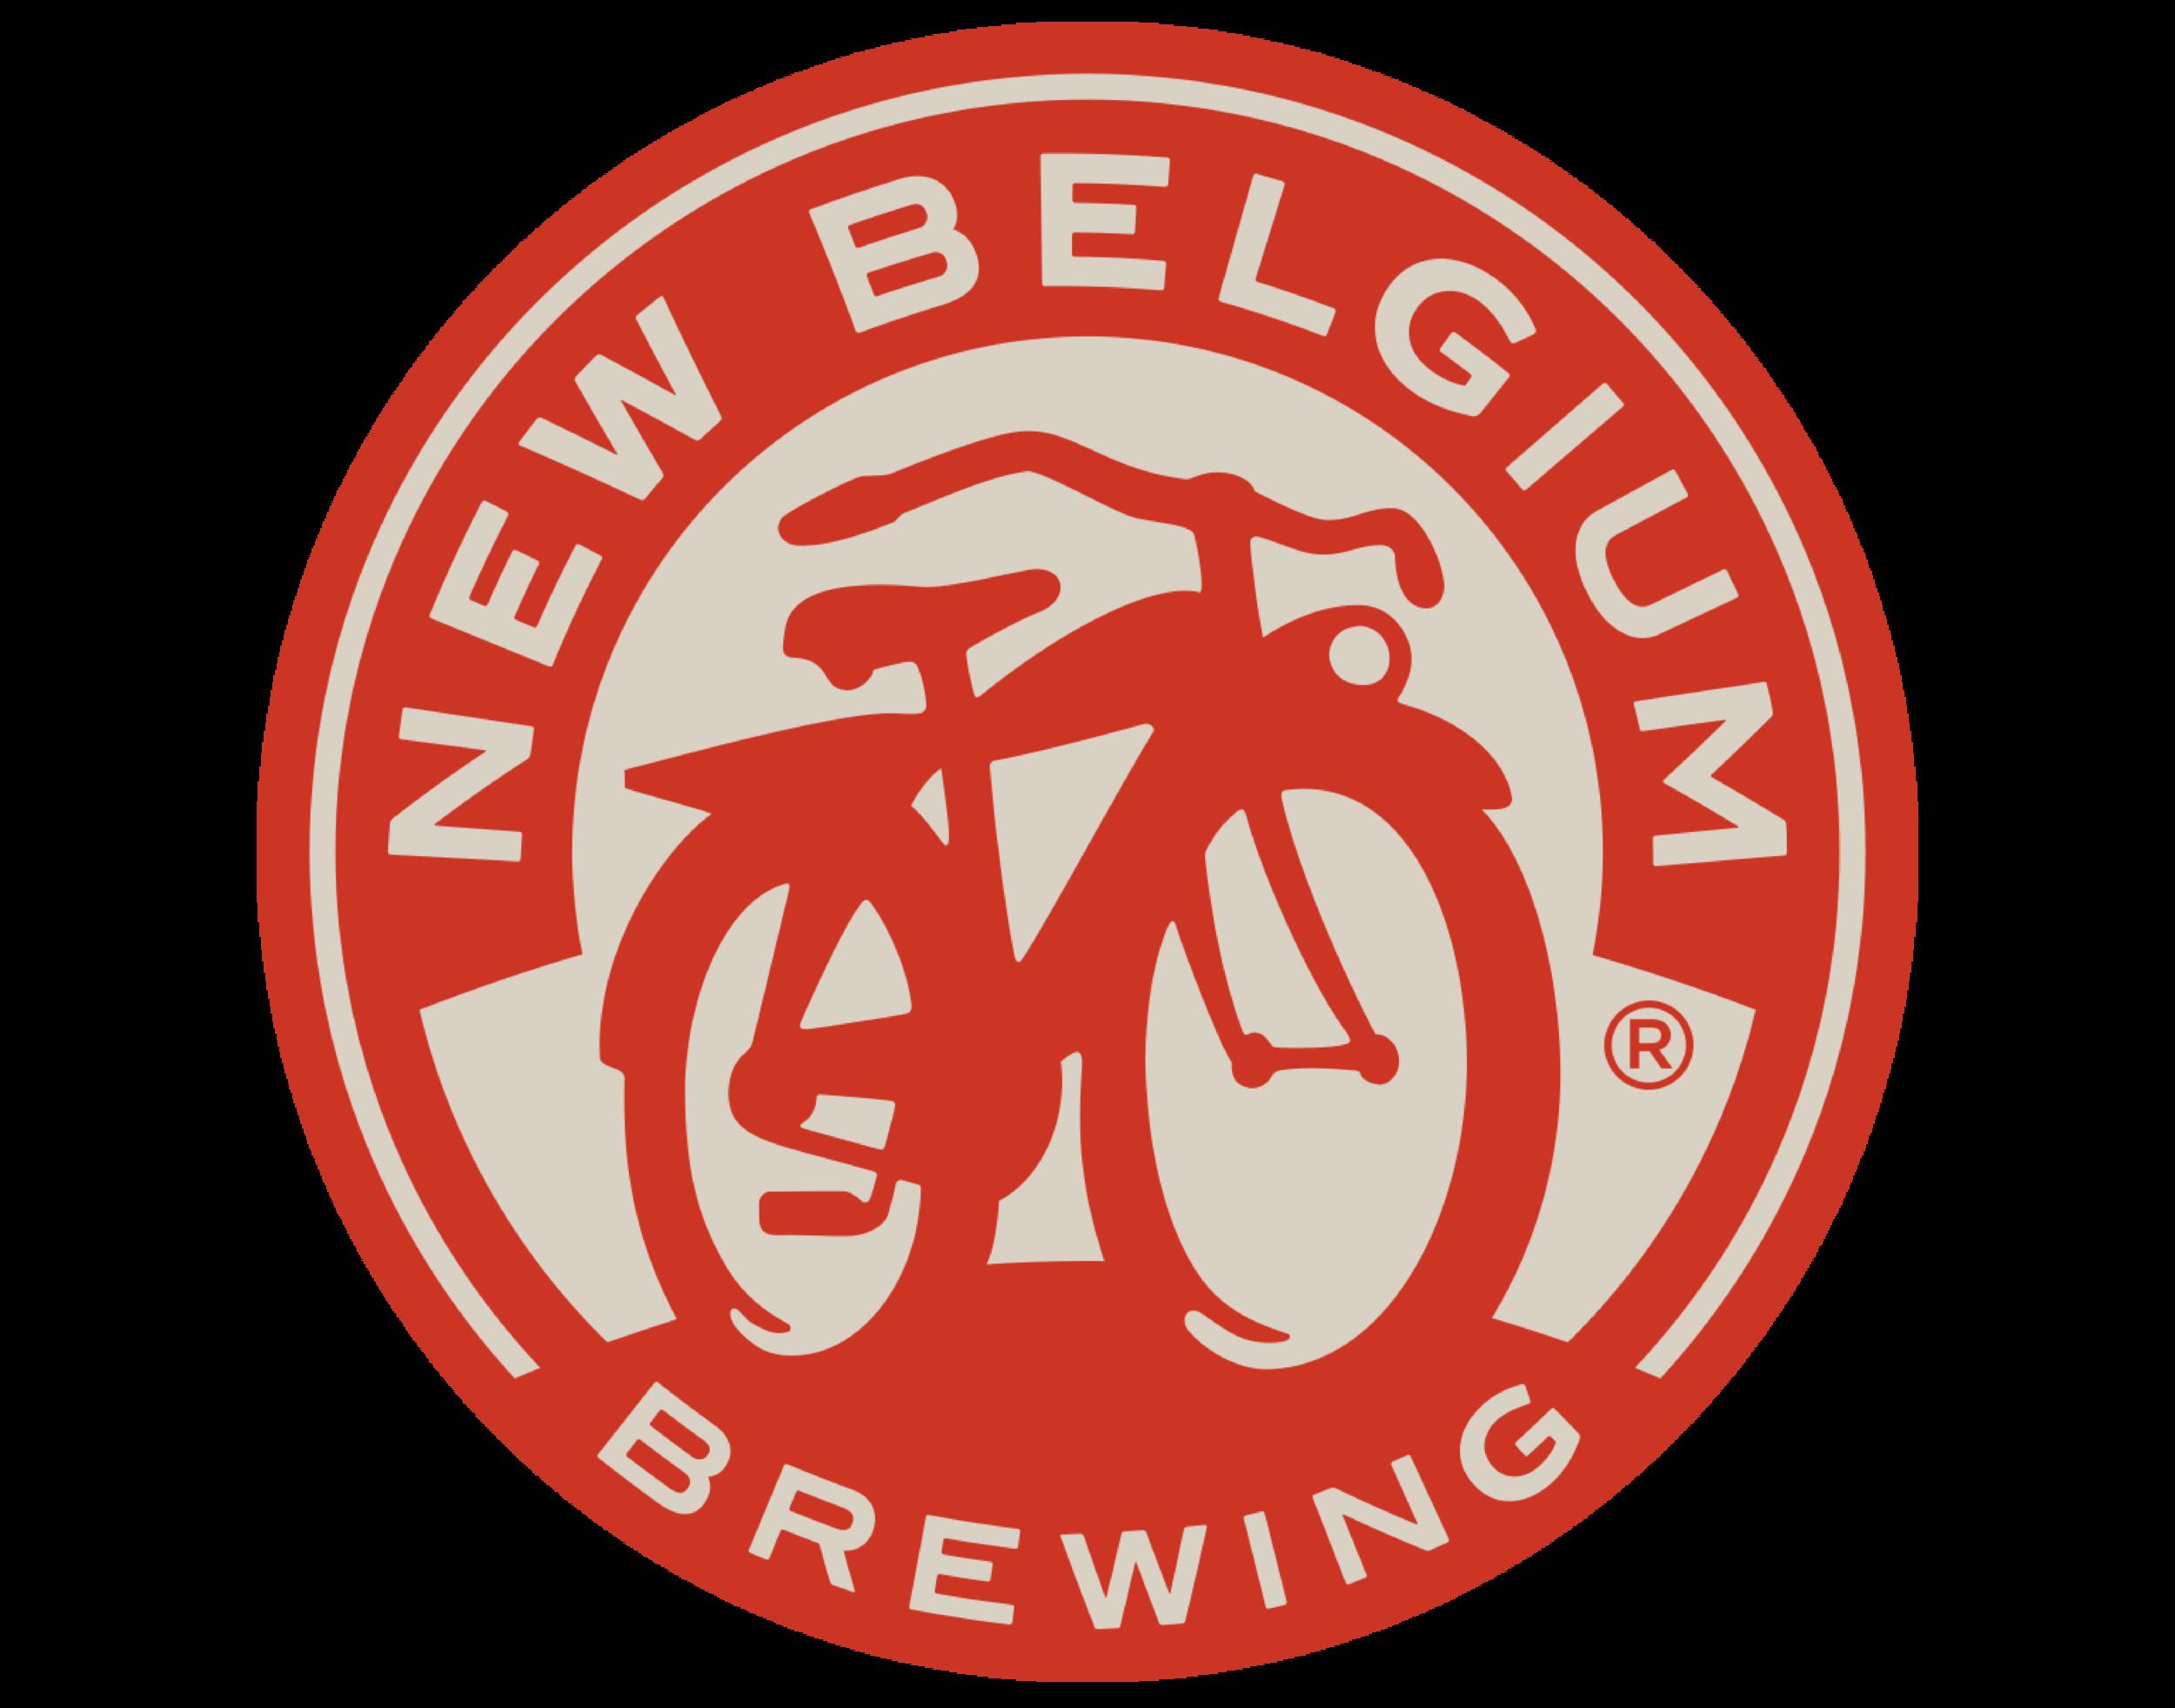 New Belgium logo. Links to New Belgium website.